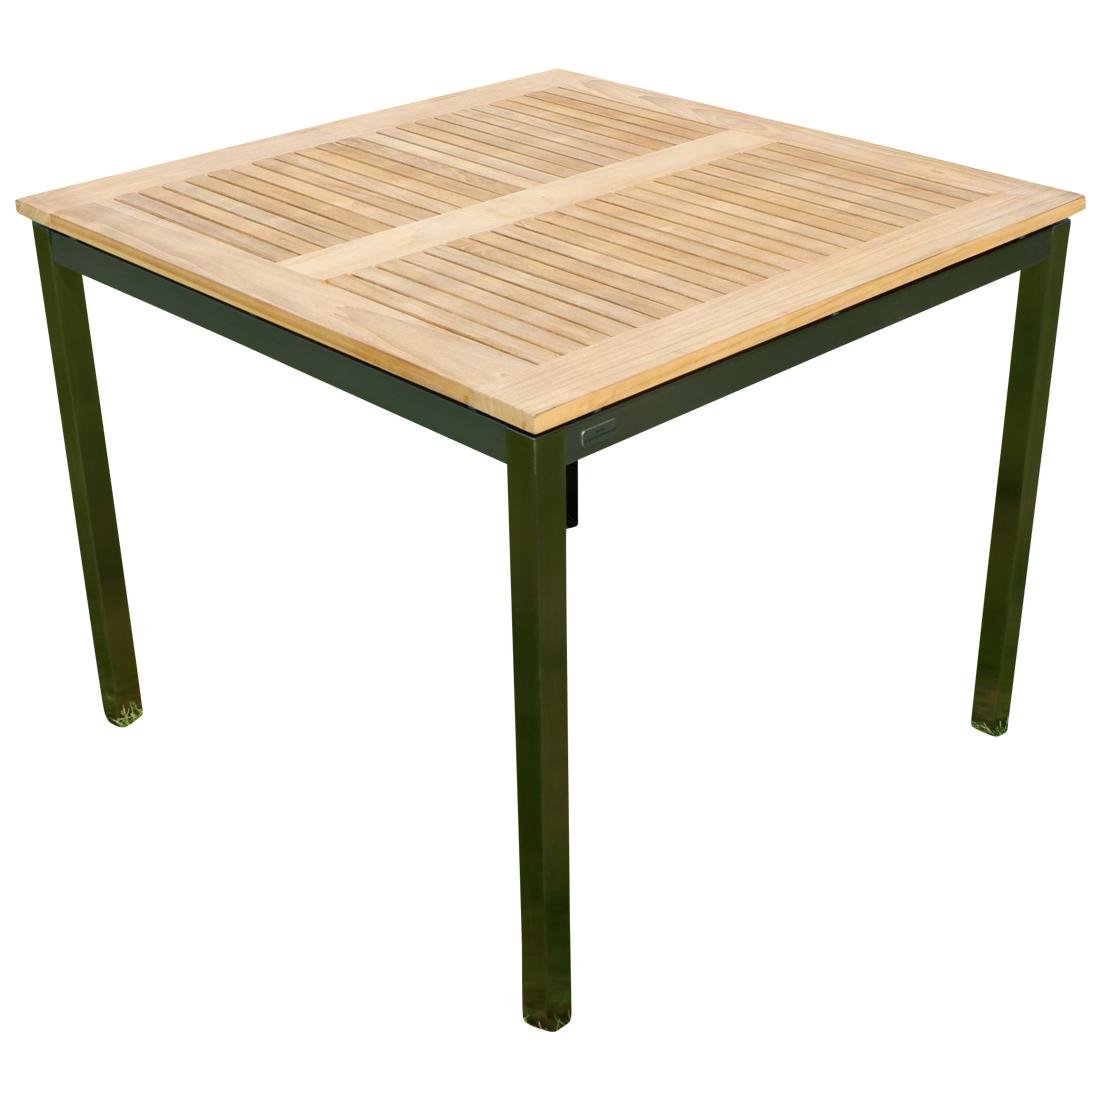 Edelstahl Teak Gartentisch 90x90 Cm Holztisch Esstisch Tisch Massive